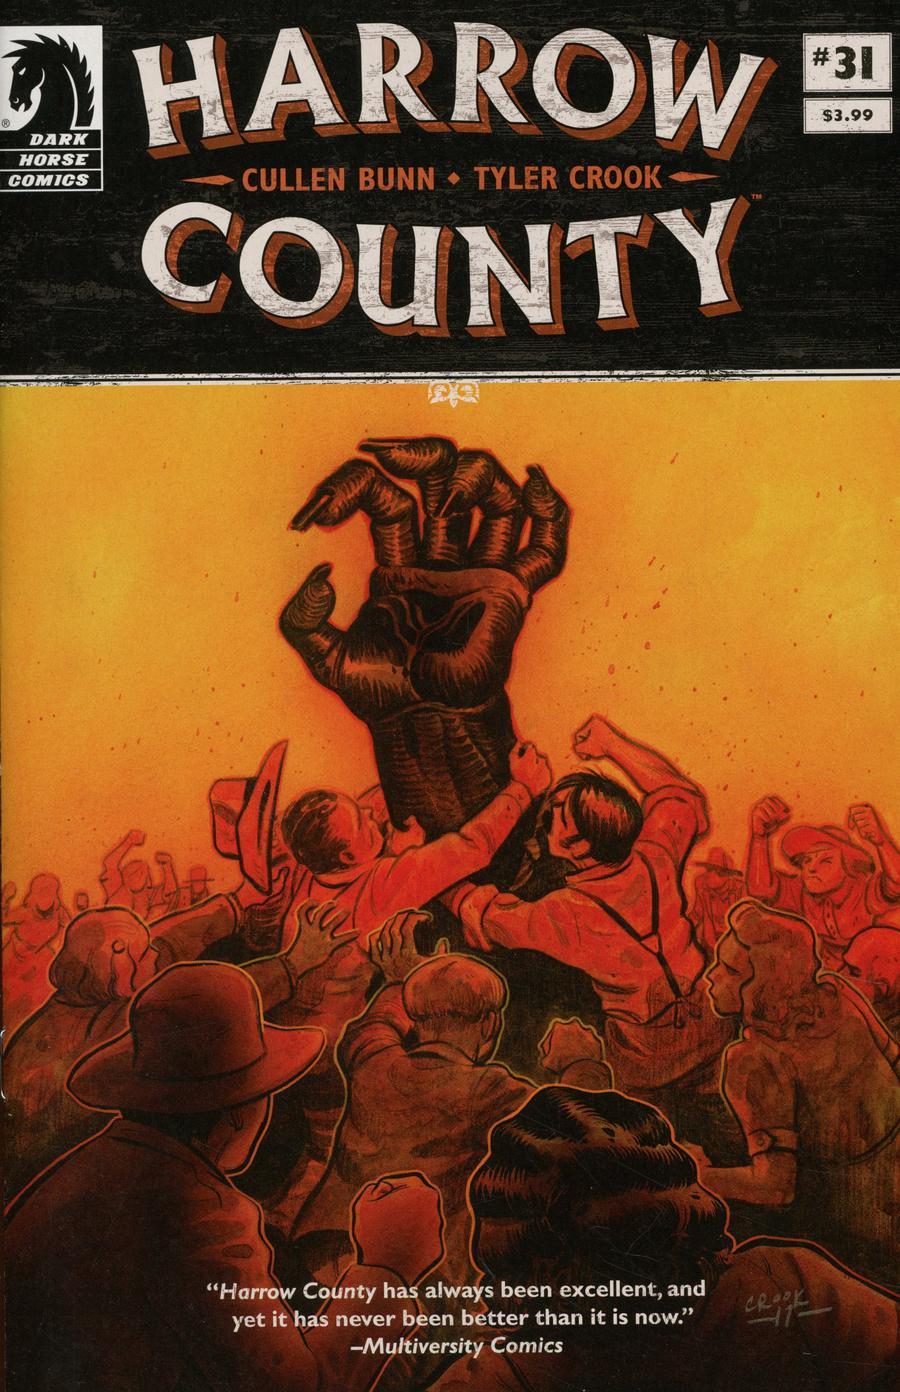 Harrow County #31